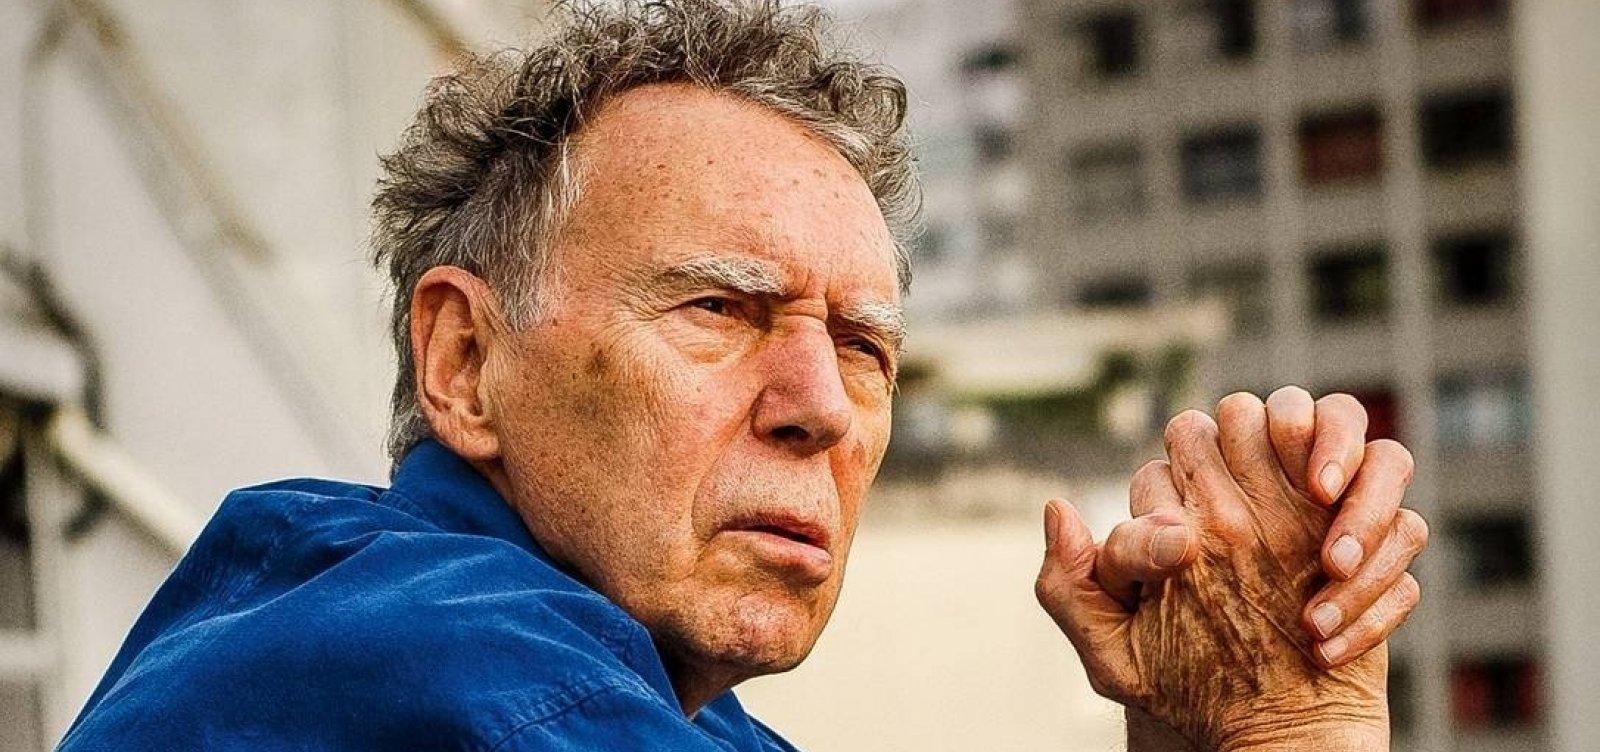 Morre o diretor Antunes Filho, um revolucionário do teatro brasileiro